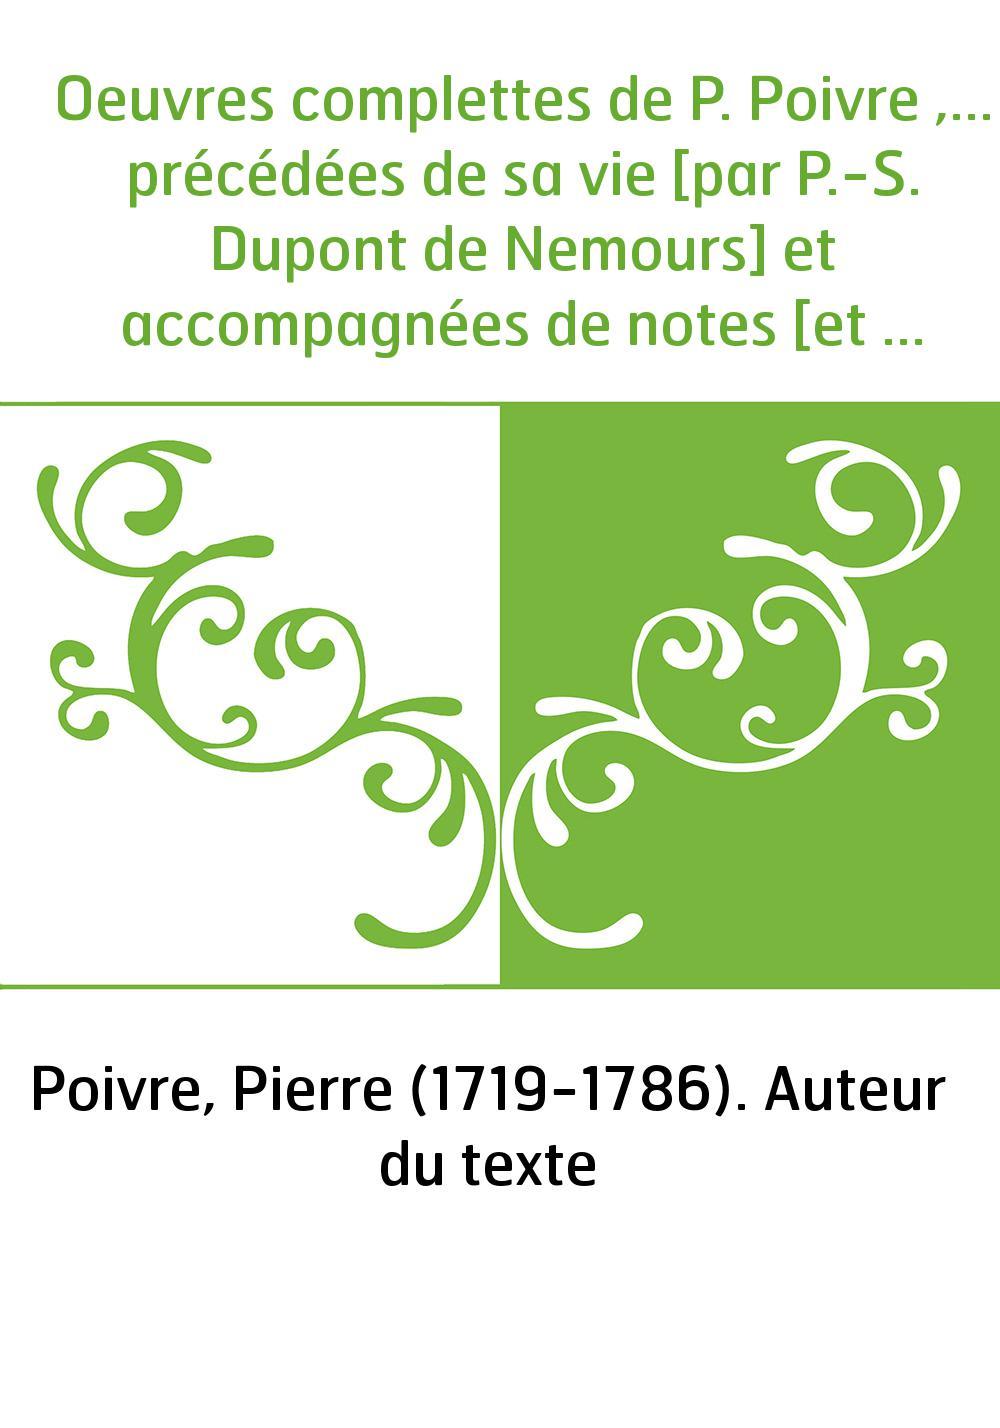 Oeuvres complettes de P. Poivre ,... précédées de sa vie [par P.-S. Dupont de Nemours] et accompagnées de notes [et d'une préfac